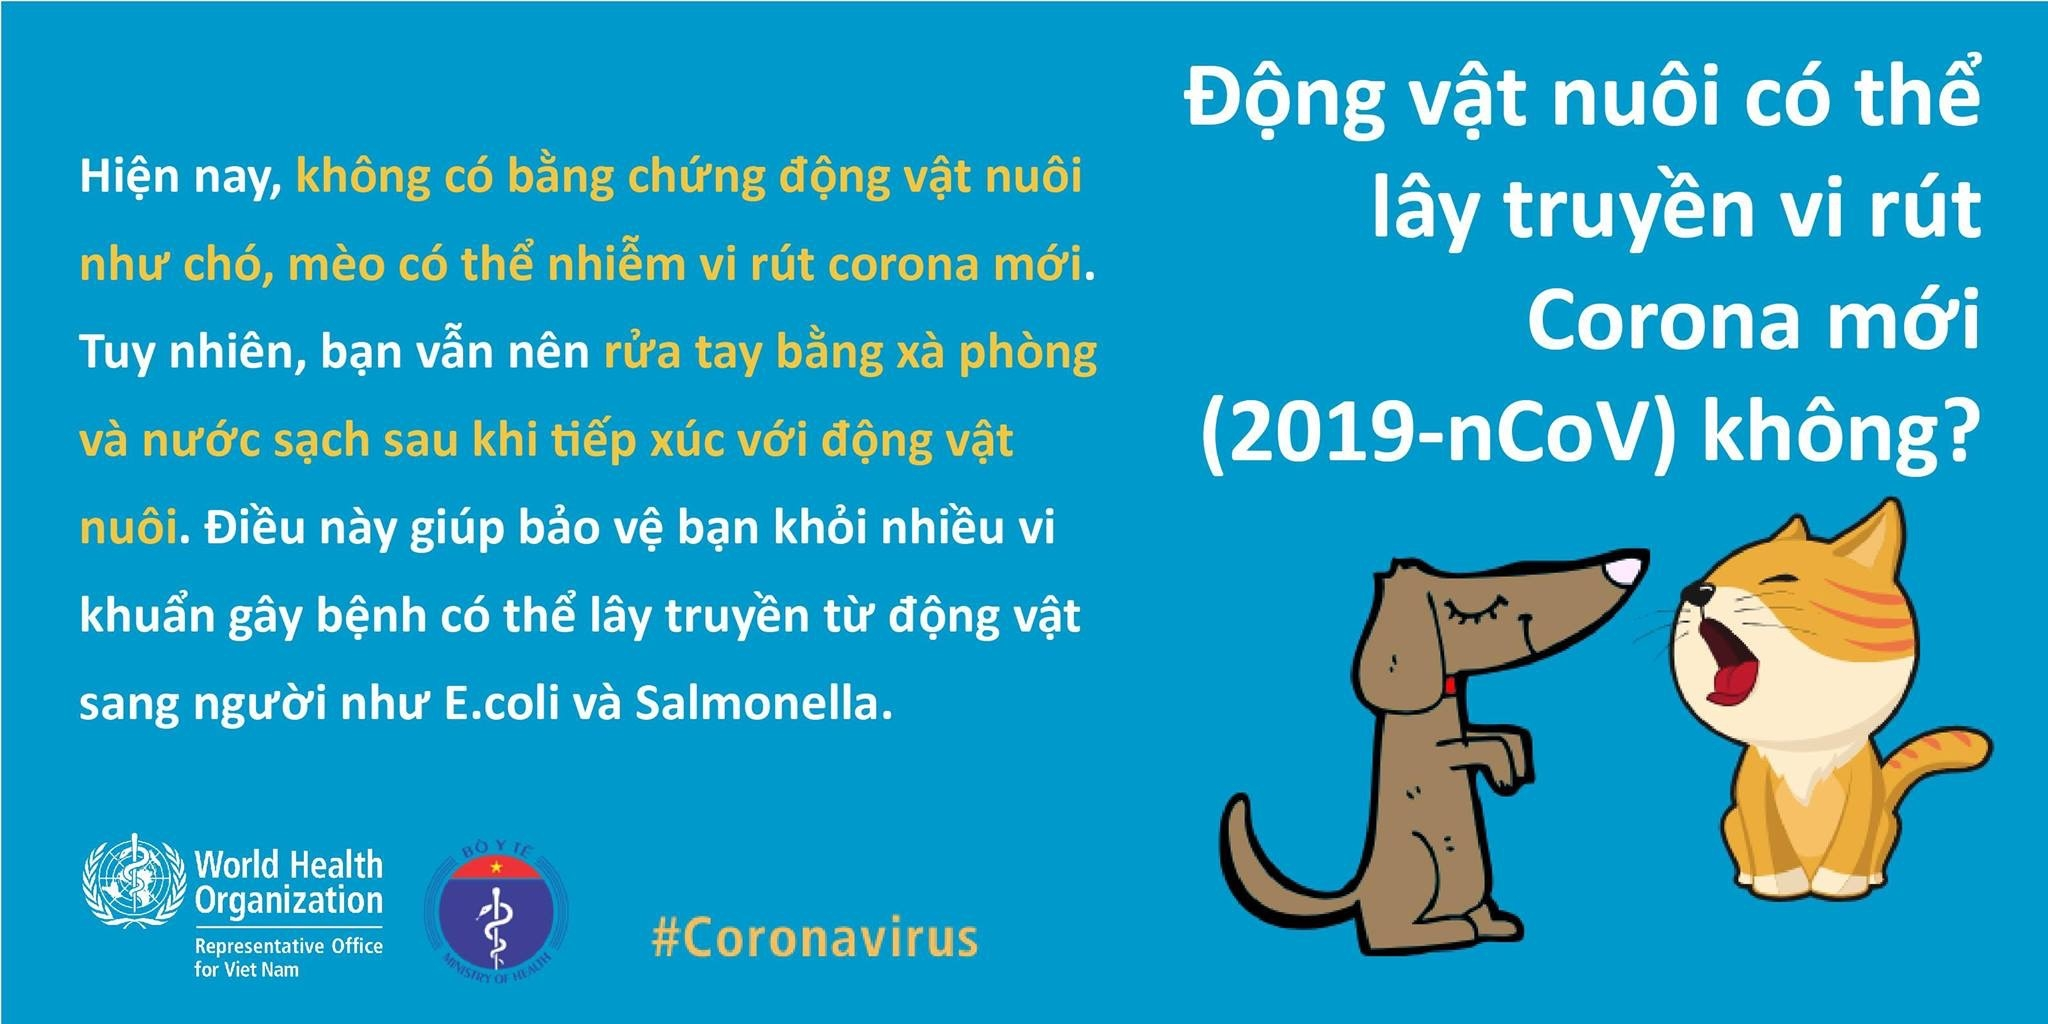 an toi thuong xuyen co giup ngua viem duong ho hap cap do virus corona moi khong